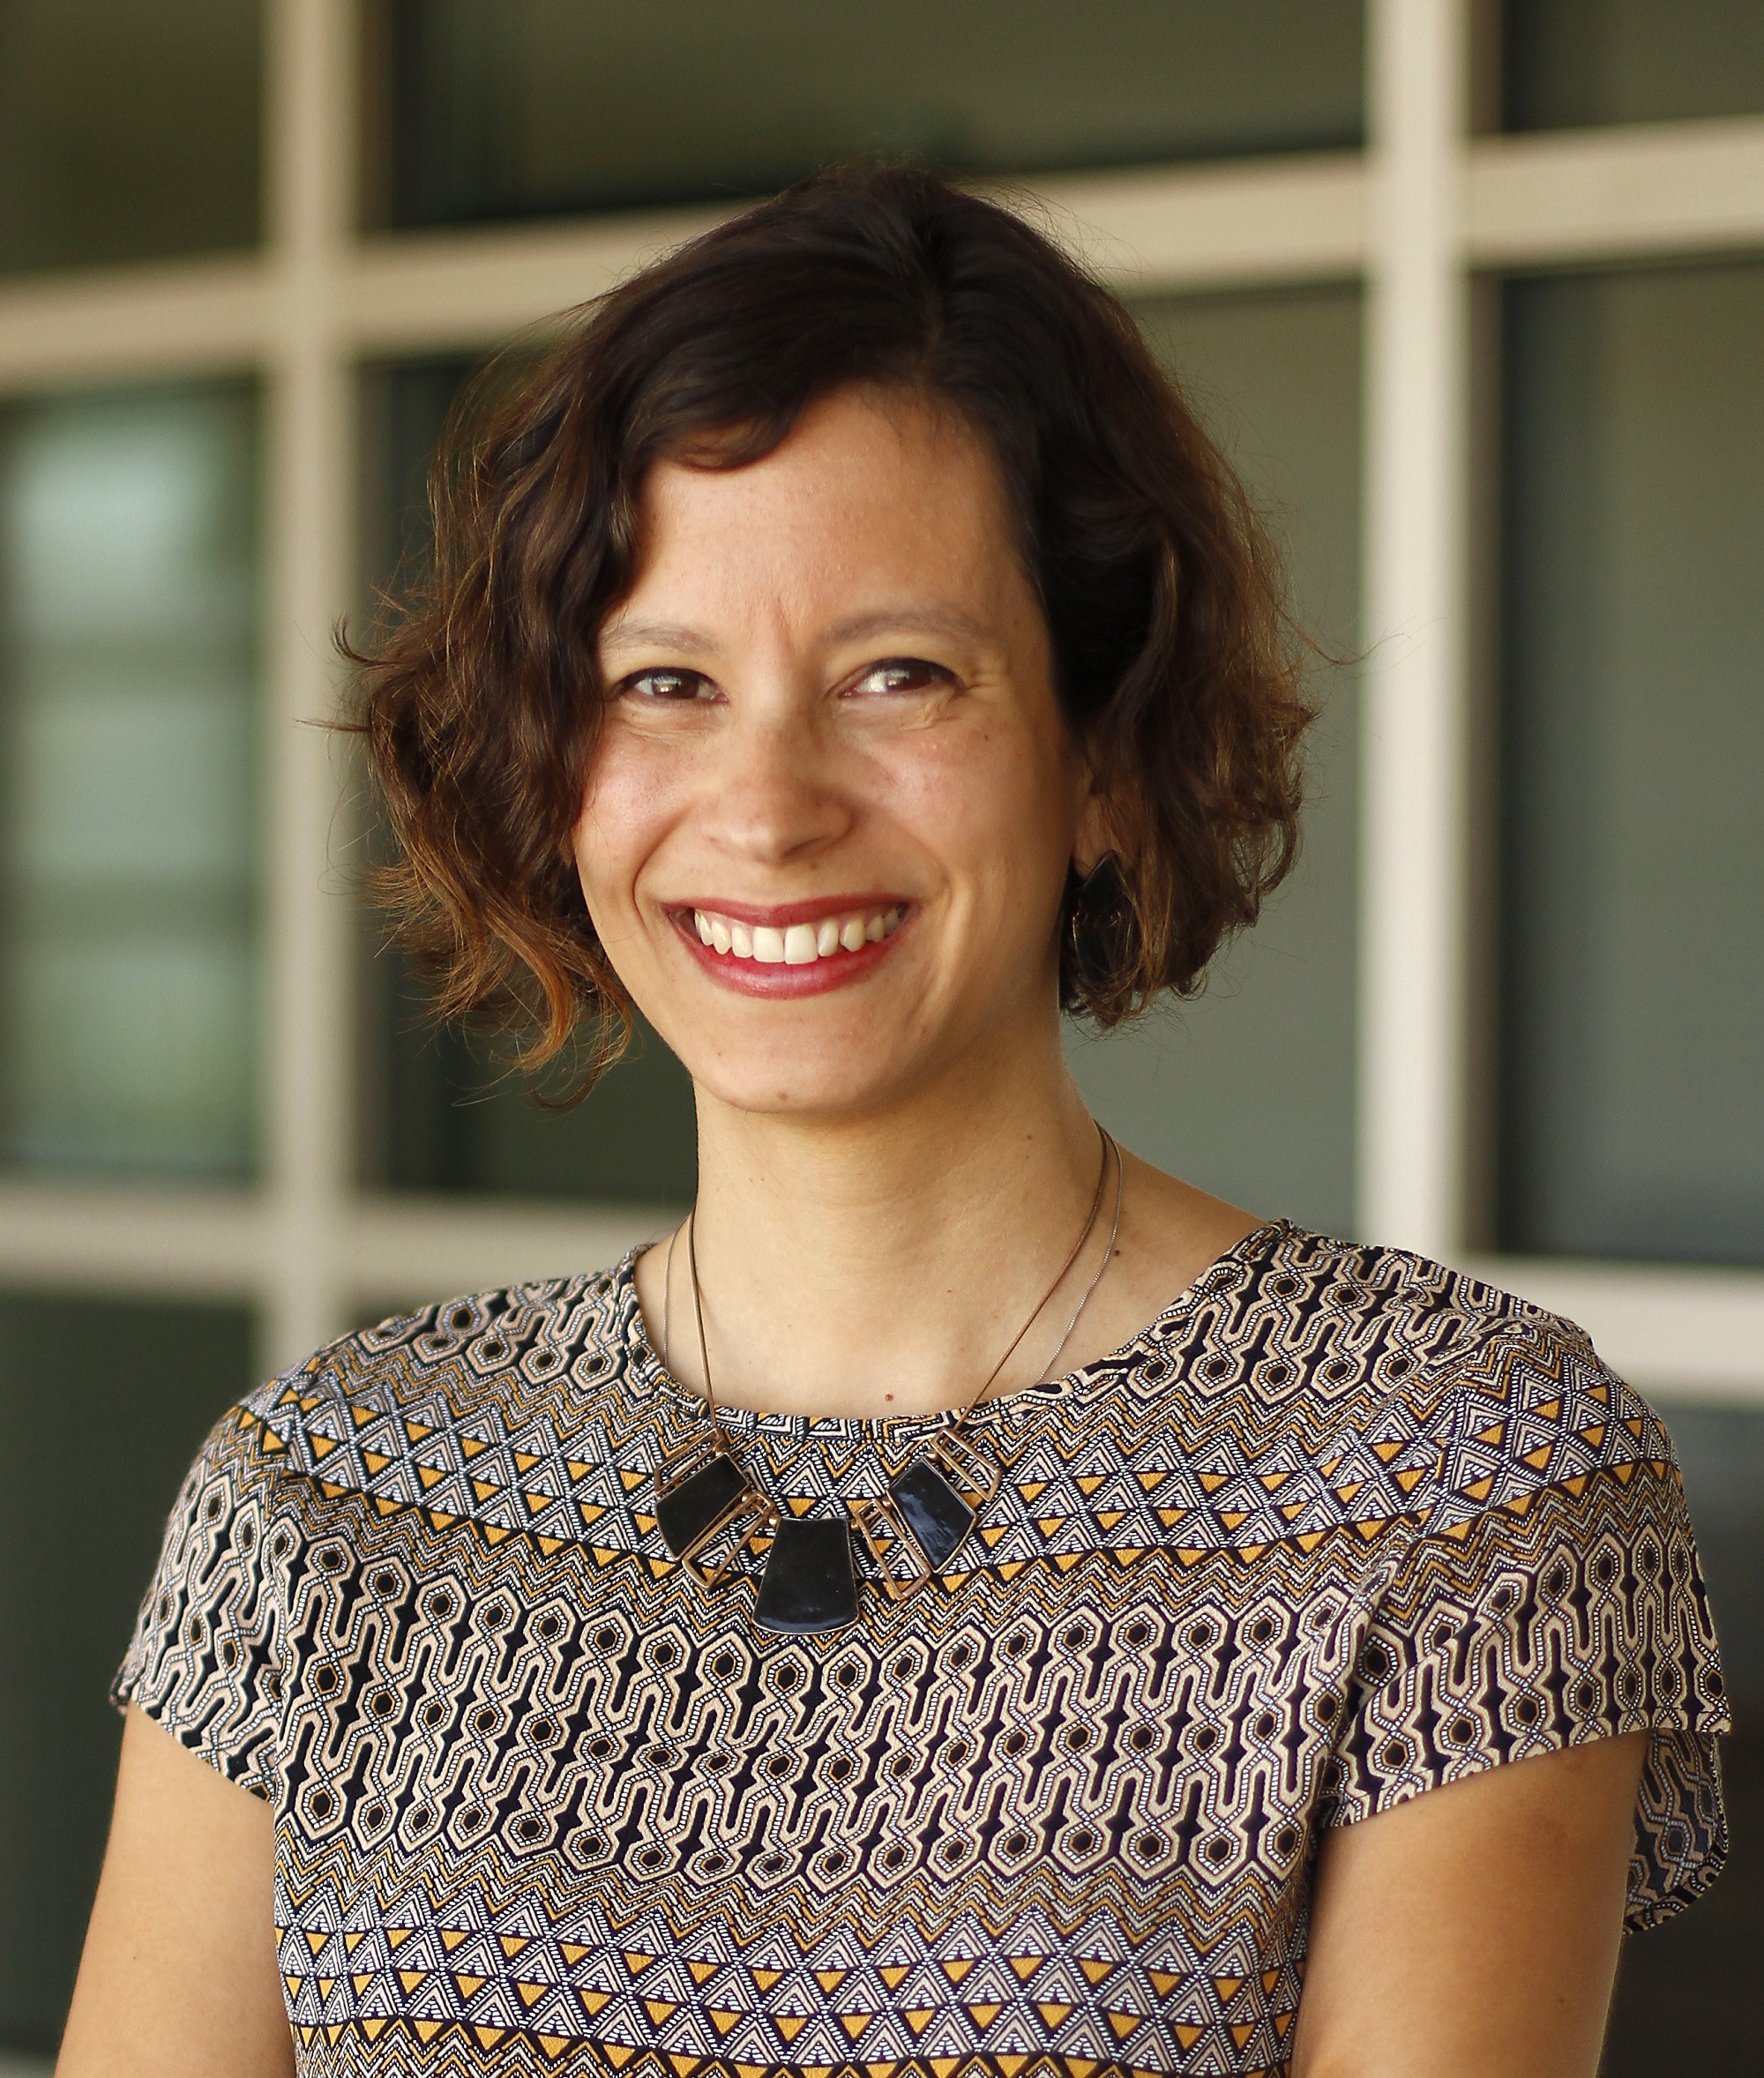 Julieta Ogaz Sotomayor